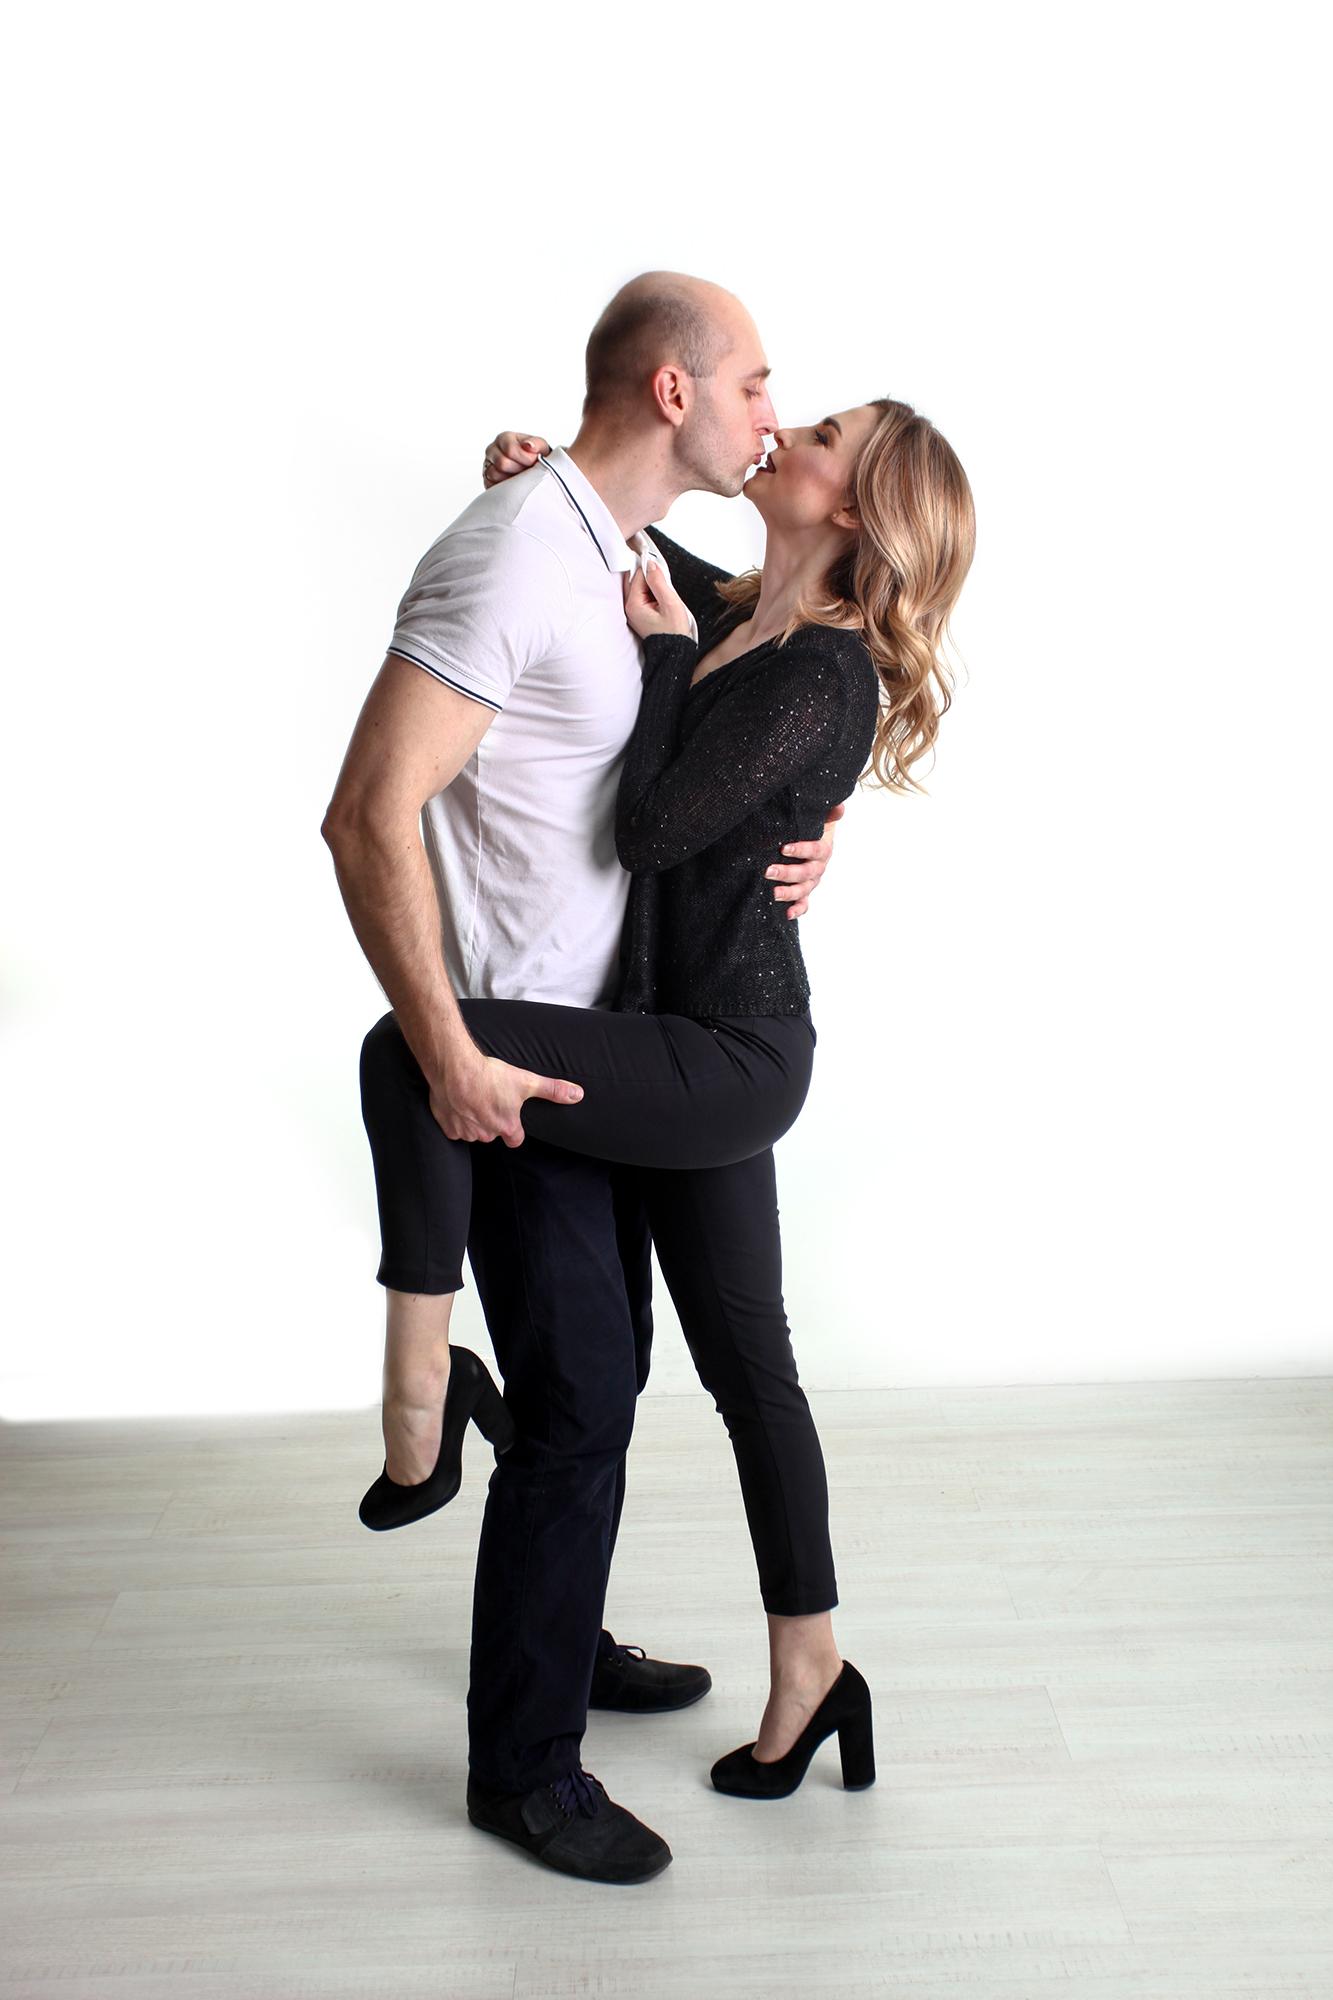 фотосессия на 8 марта, танец на 8 марта, фотосессия 8 марта